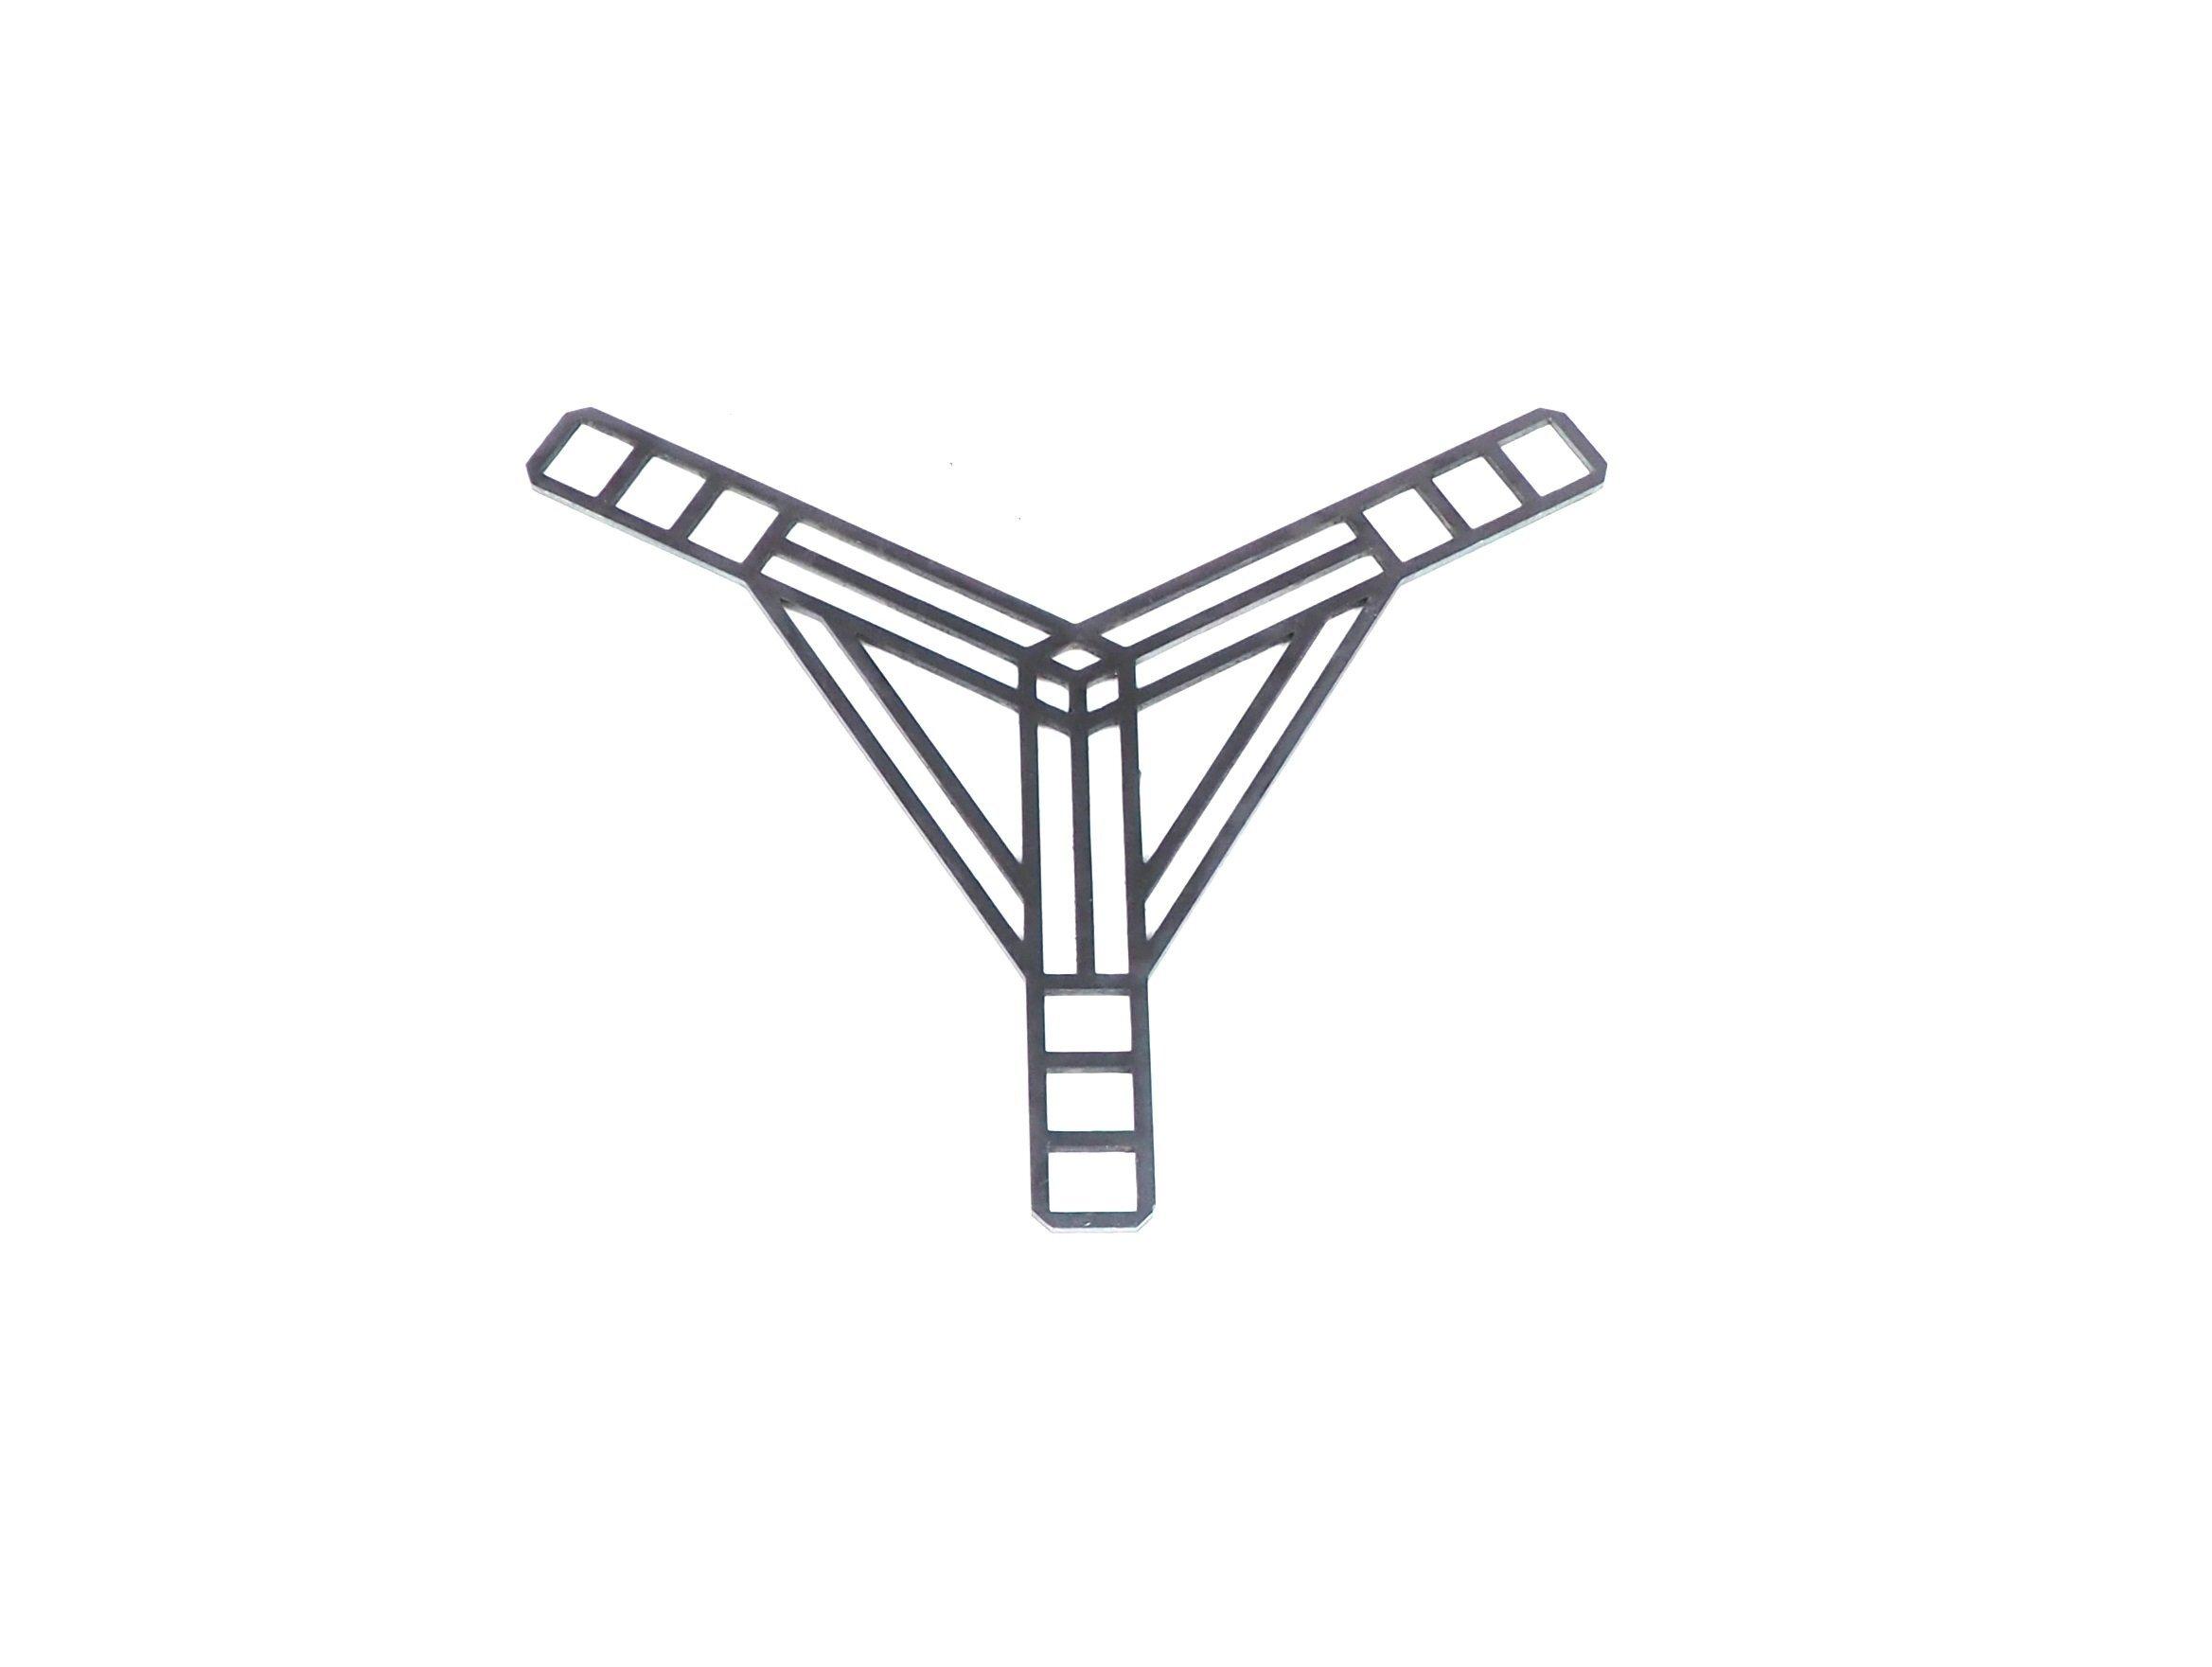 Top Table Triangle L トップテーブル トライアングル Lサイズ / MITARI WORKS ミタリワークス